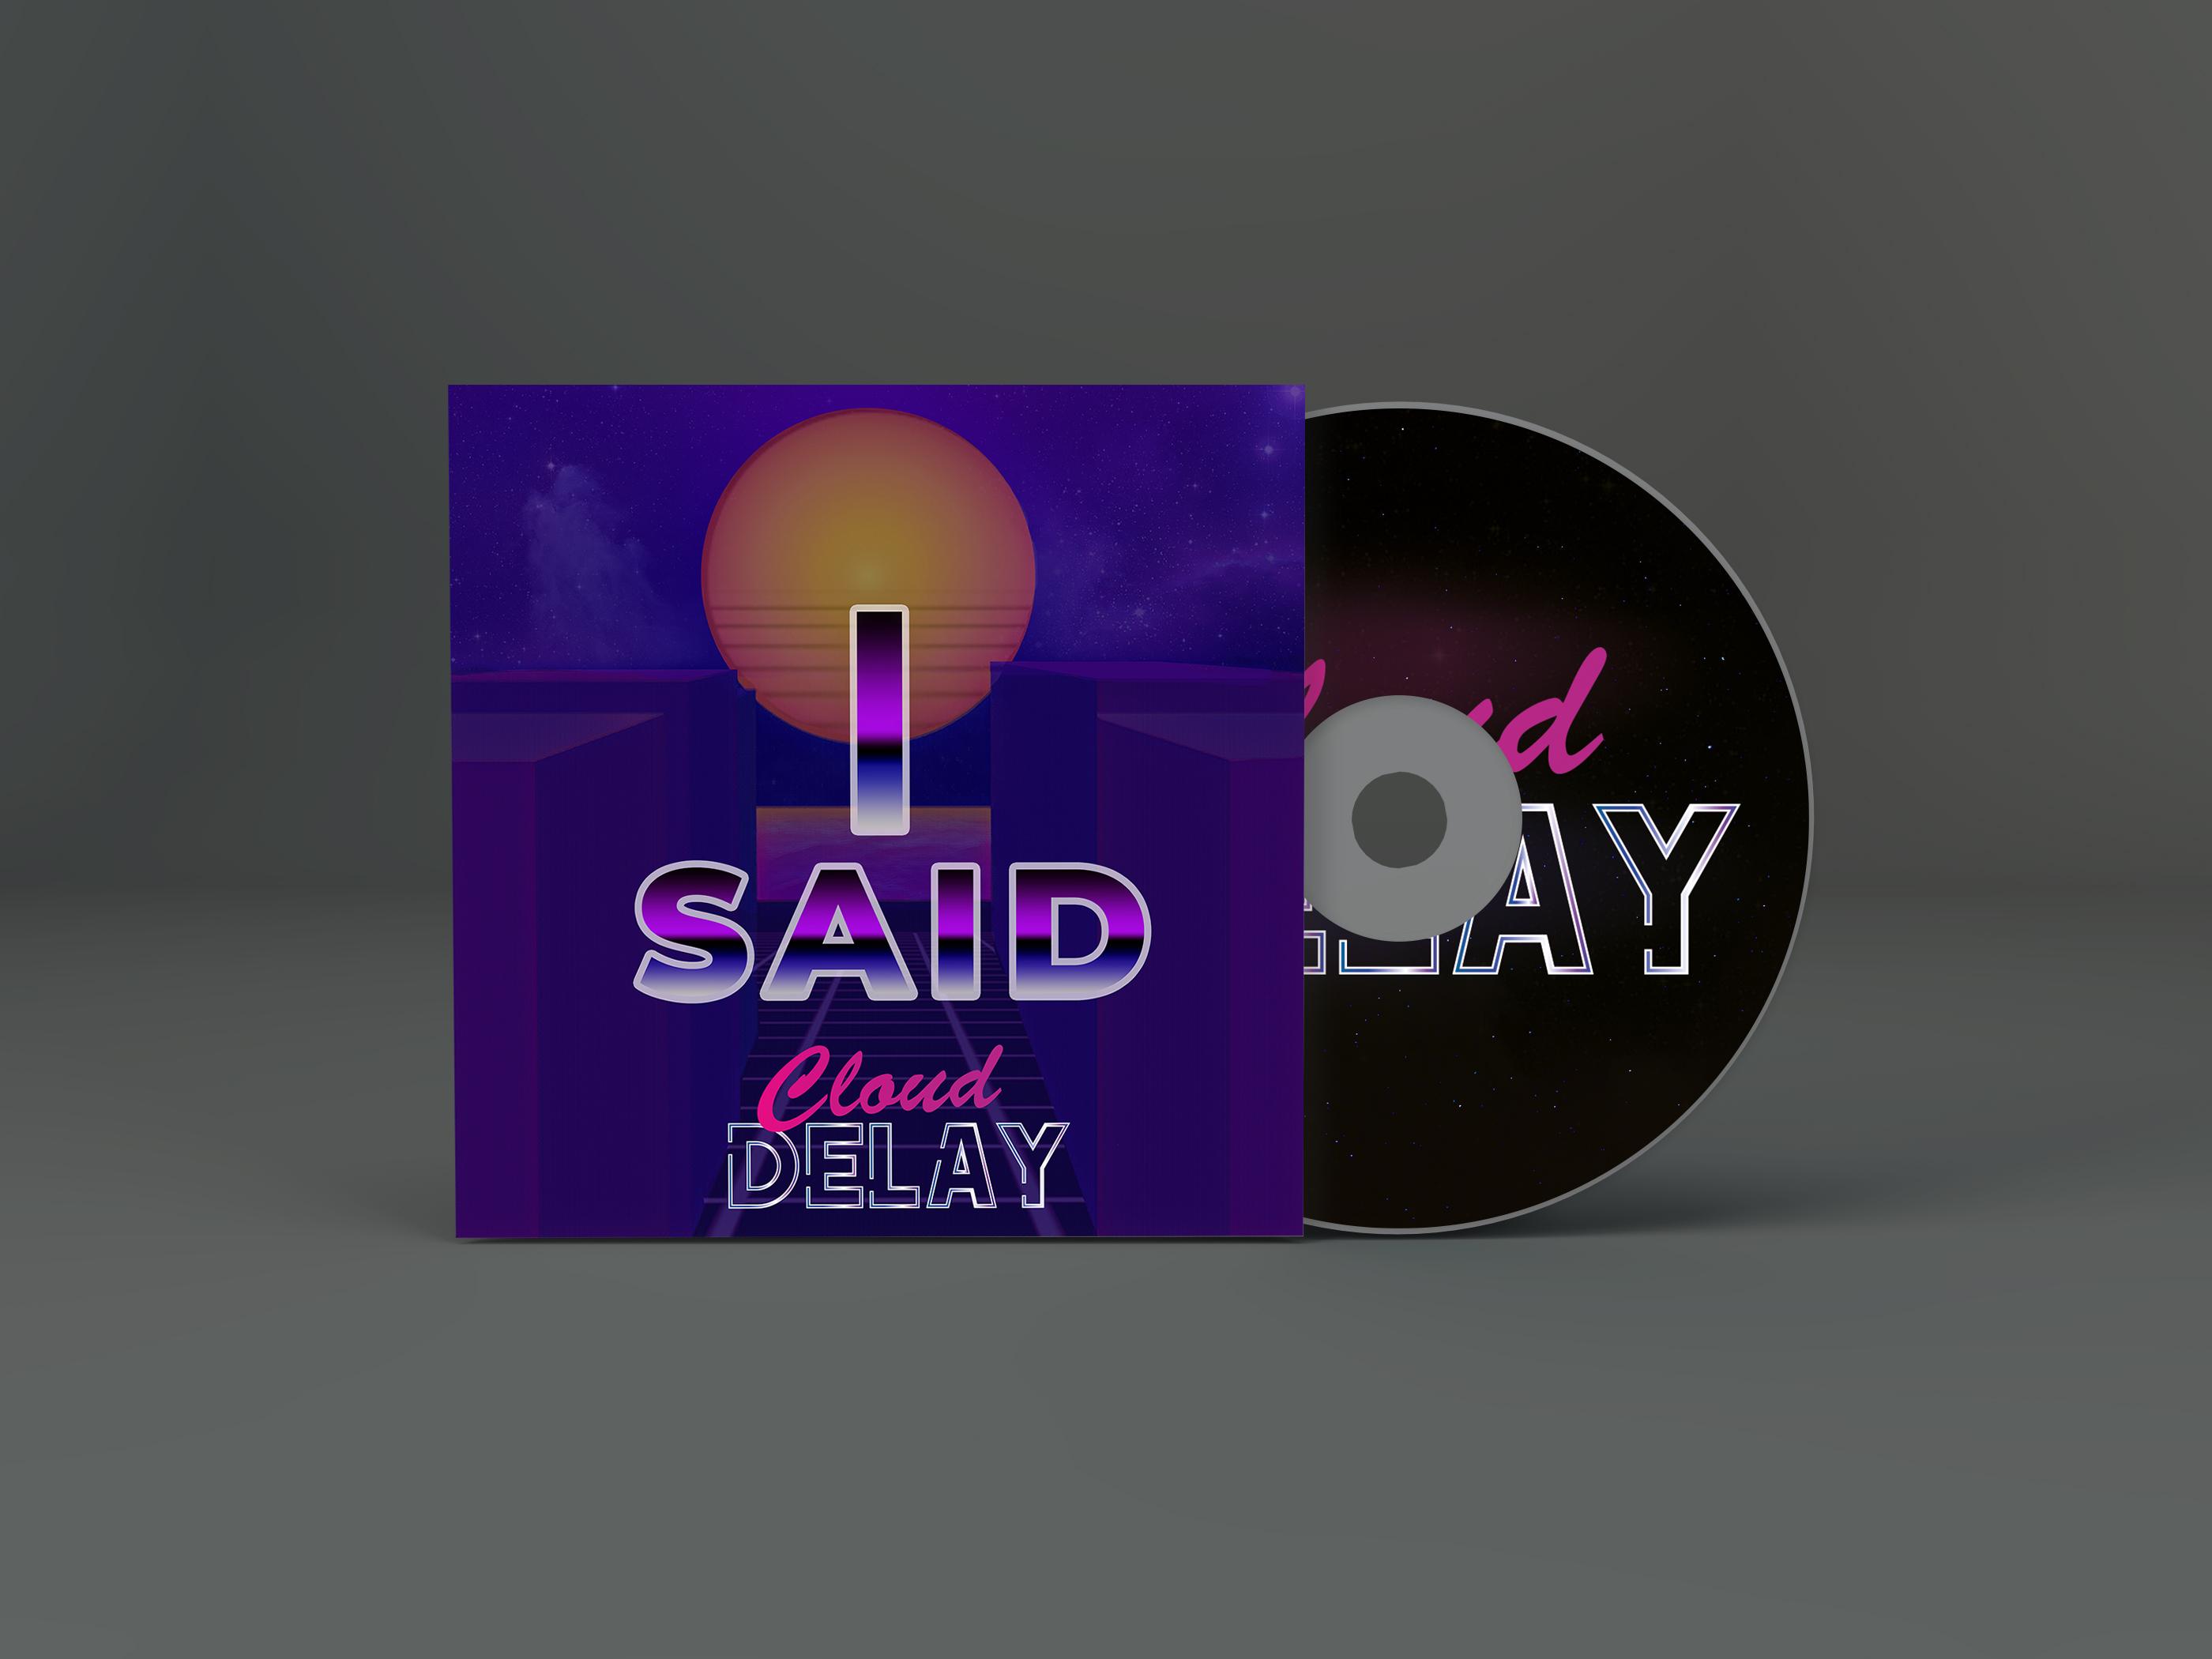 Логотип музыкального проекта и обложка сингла фото f_1775b6722078d692.jpg